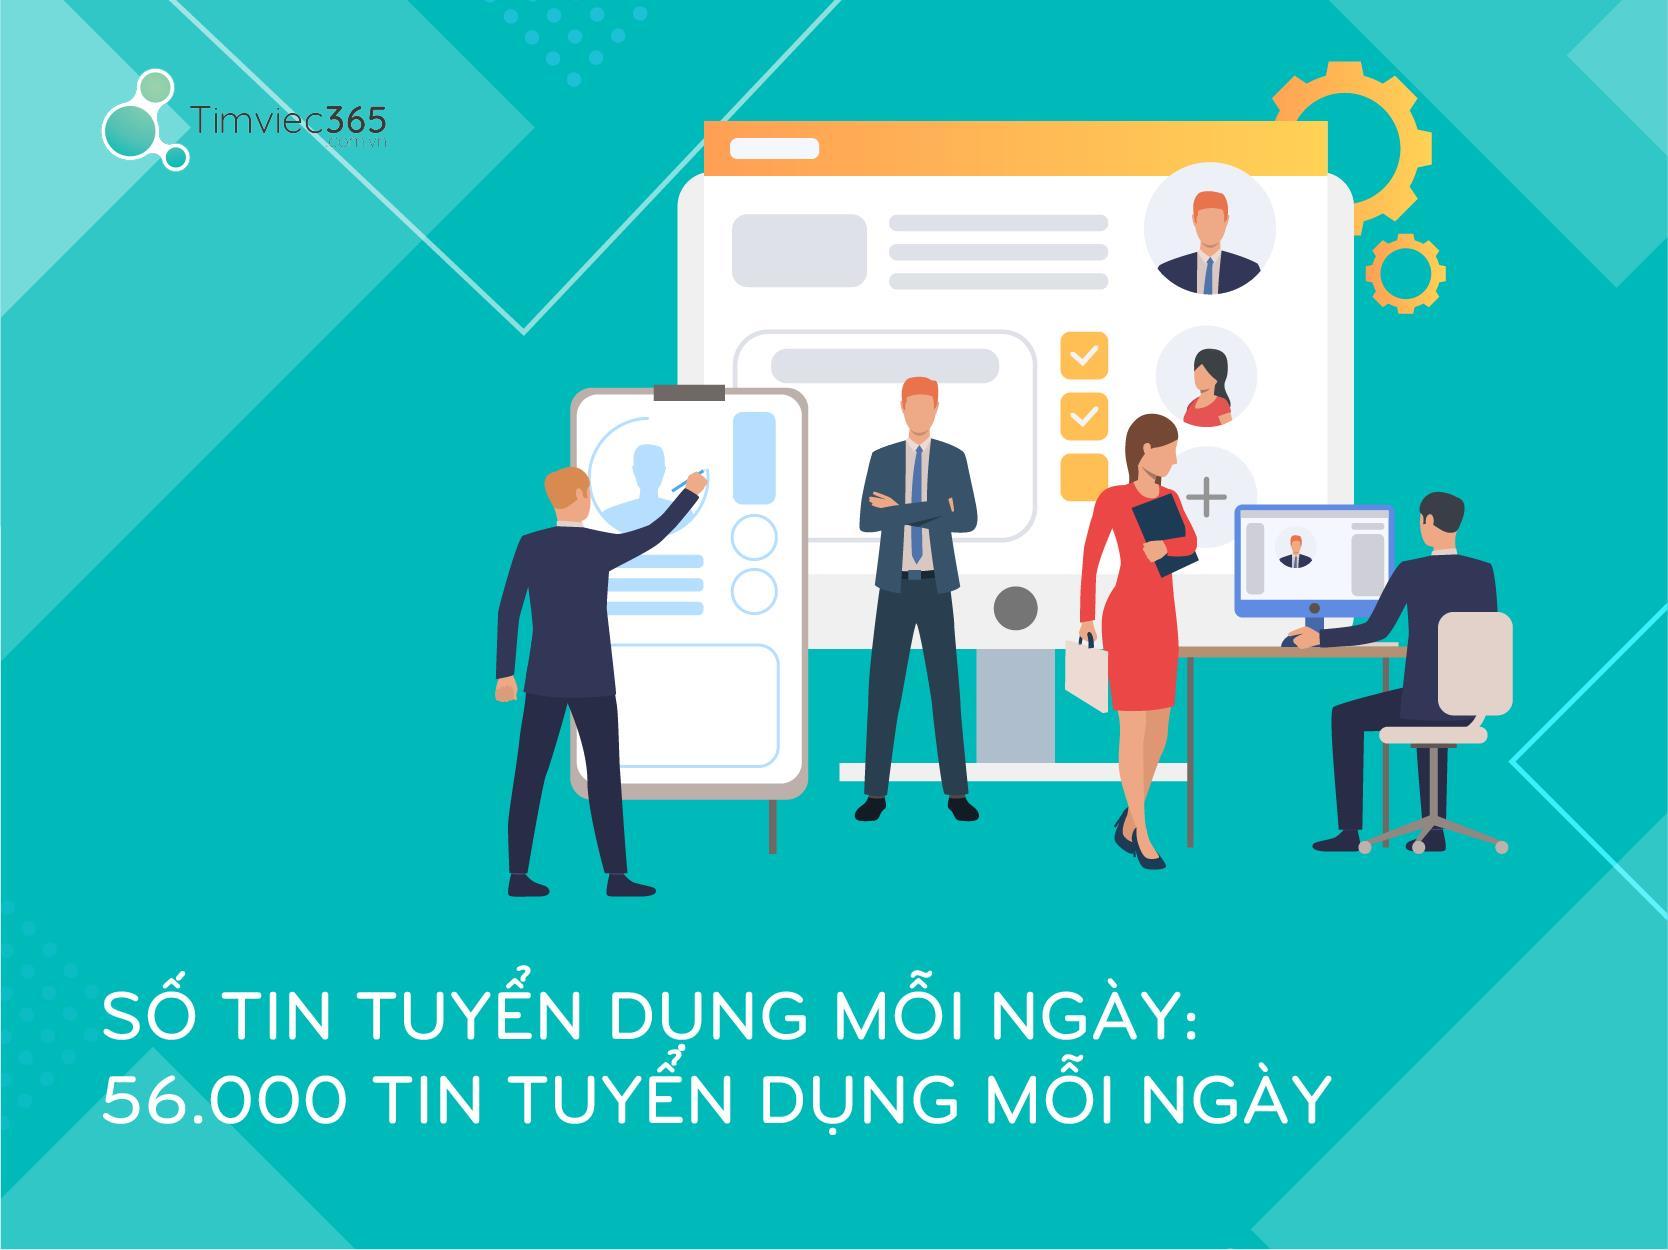 Timviec365.com.vn và câu chuyện 'số hóa' trong kinh doanh tuyển dụng và việc làm 2